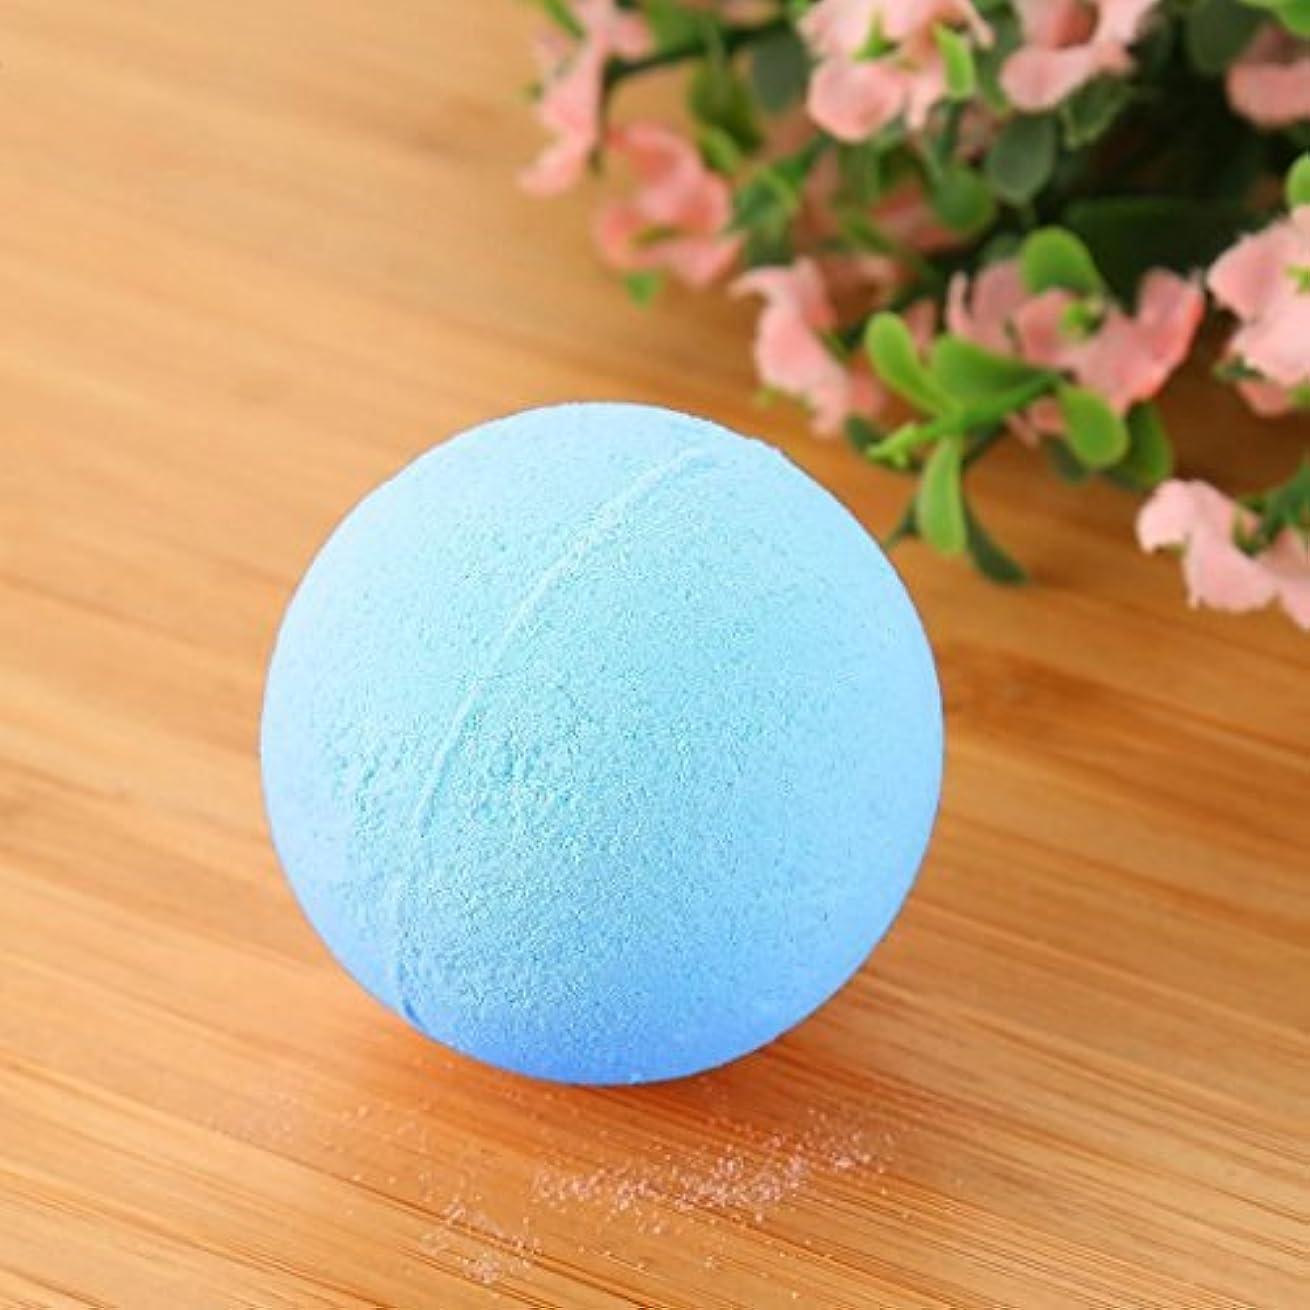 先例冊子隠すバブルボール塩塩浴リラックス女性のための贈り物